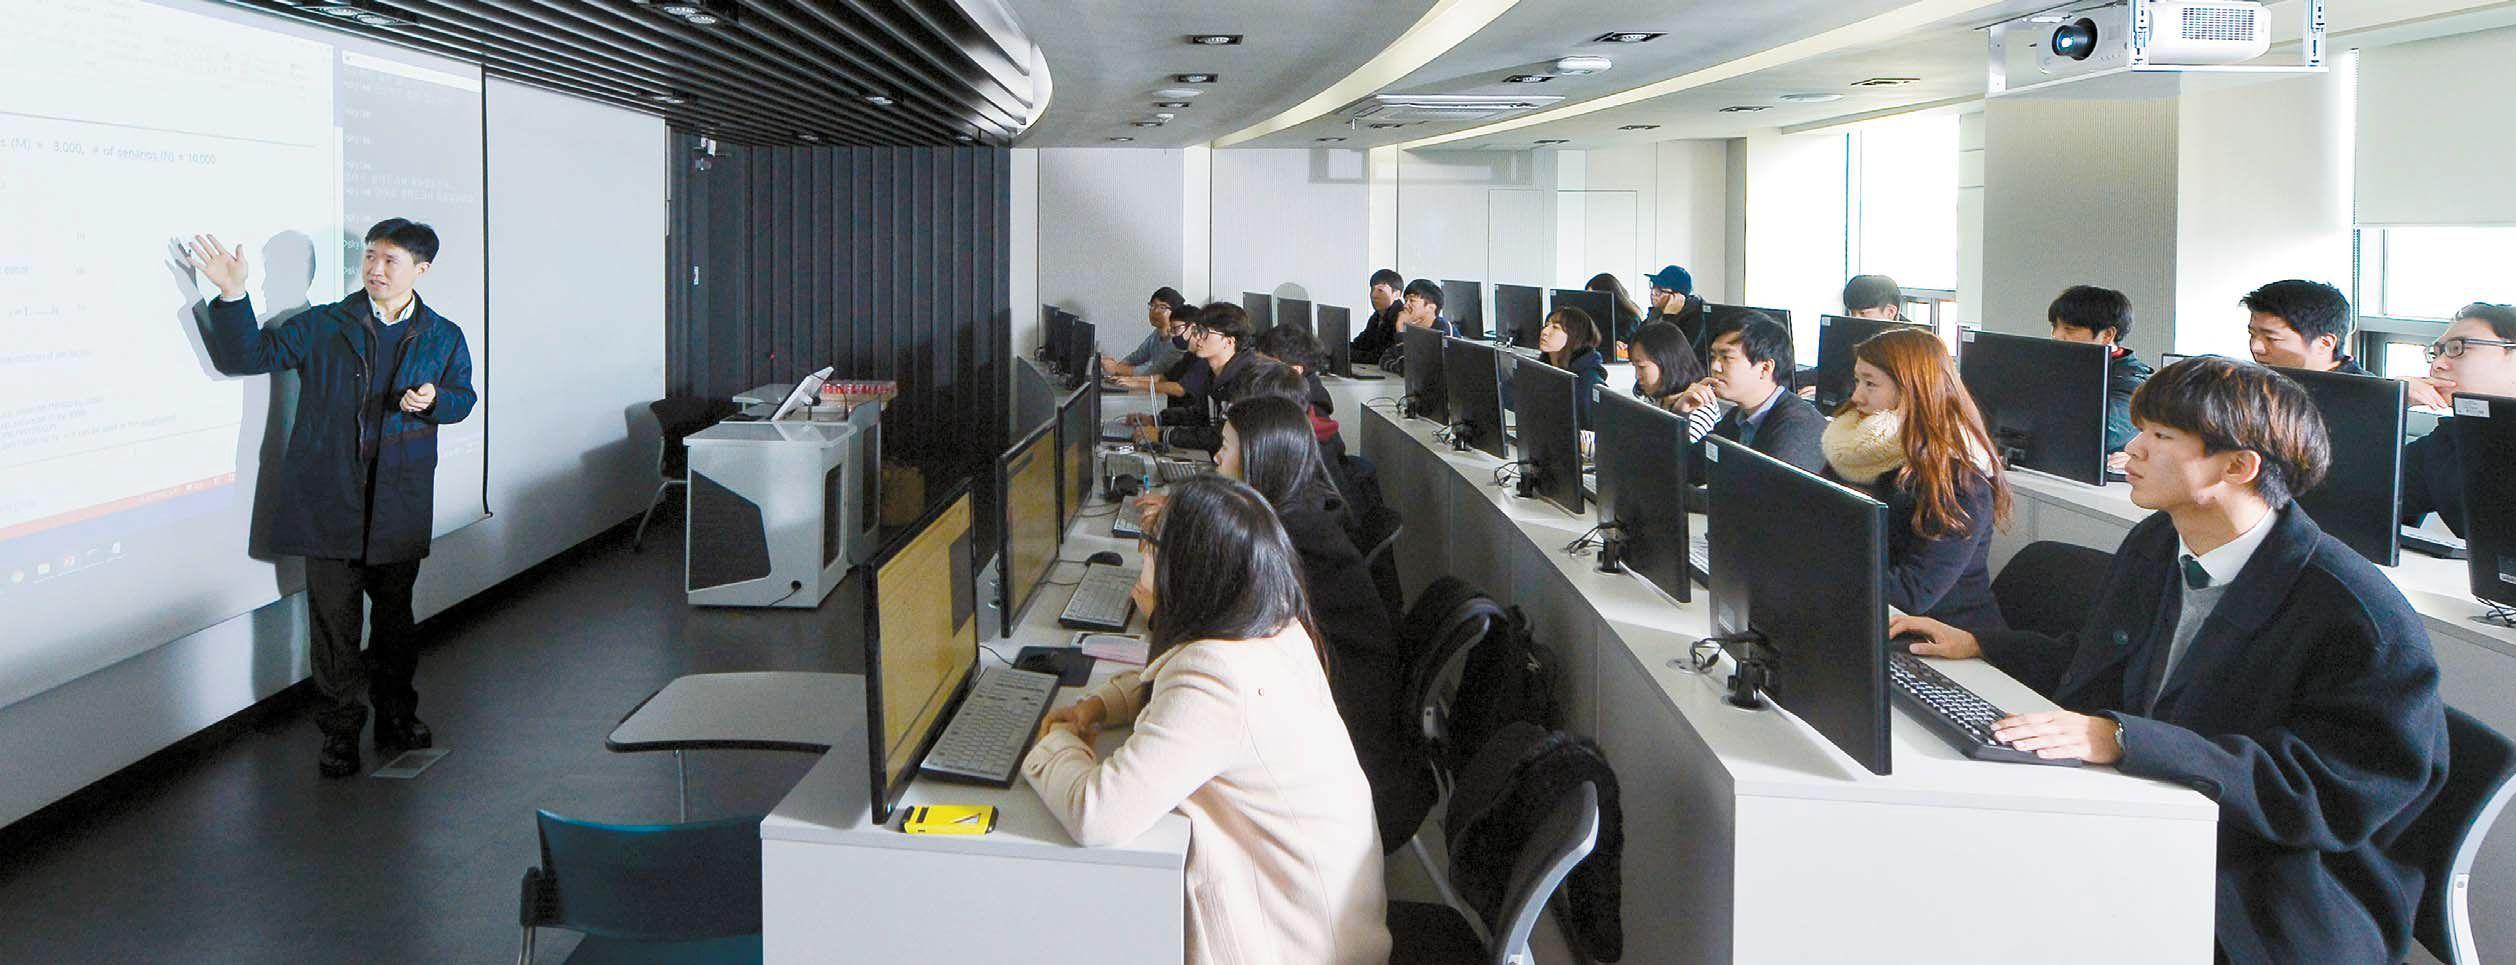 한양대 산업공학과 이기천 교수(왼쪽)가 컴퓨터를 활용해 산업의 문제를 해결하는 함수를 풀 수 있는 방법을 설명하고 있다. 산업공학과는 통계학이나 선형대수 등 수학·공학적 원리로 산업 문제에 대한 최적화된 답을 찾아내는 법을 배운다.